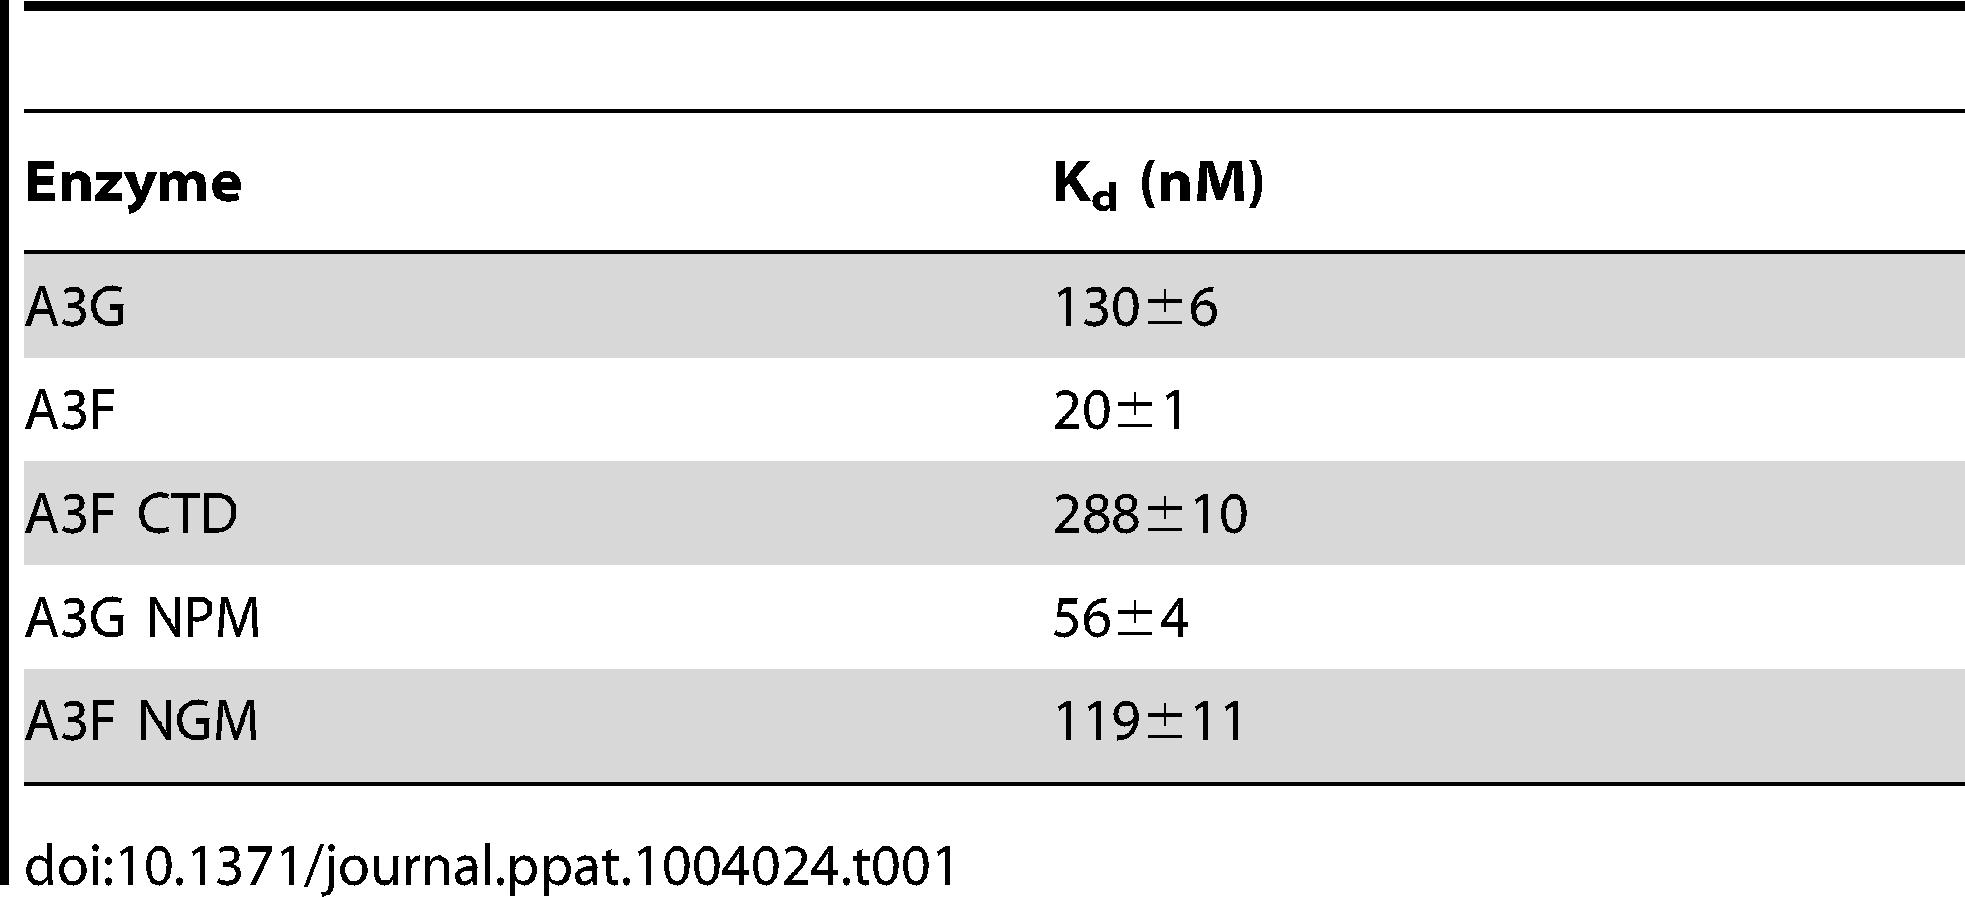 Comparison of apparent dissociation constants (K<sub>d</sub>) from ssDNA of A3G and A3F wild-type and mutants.